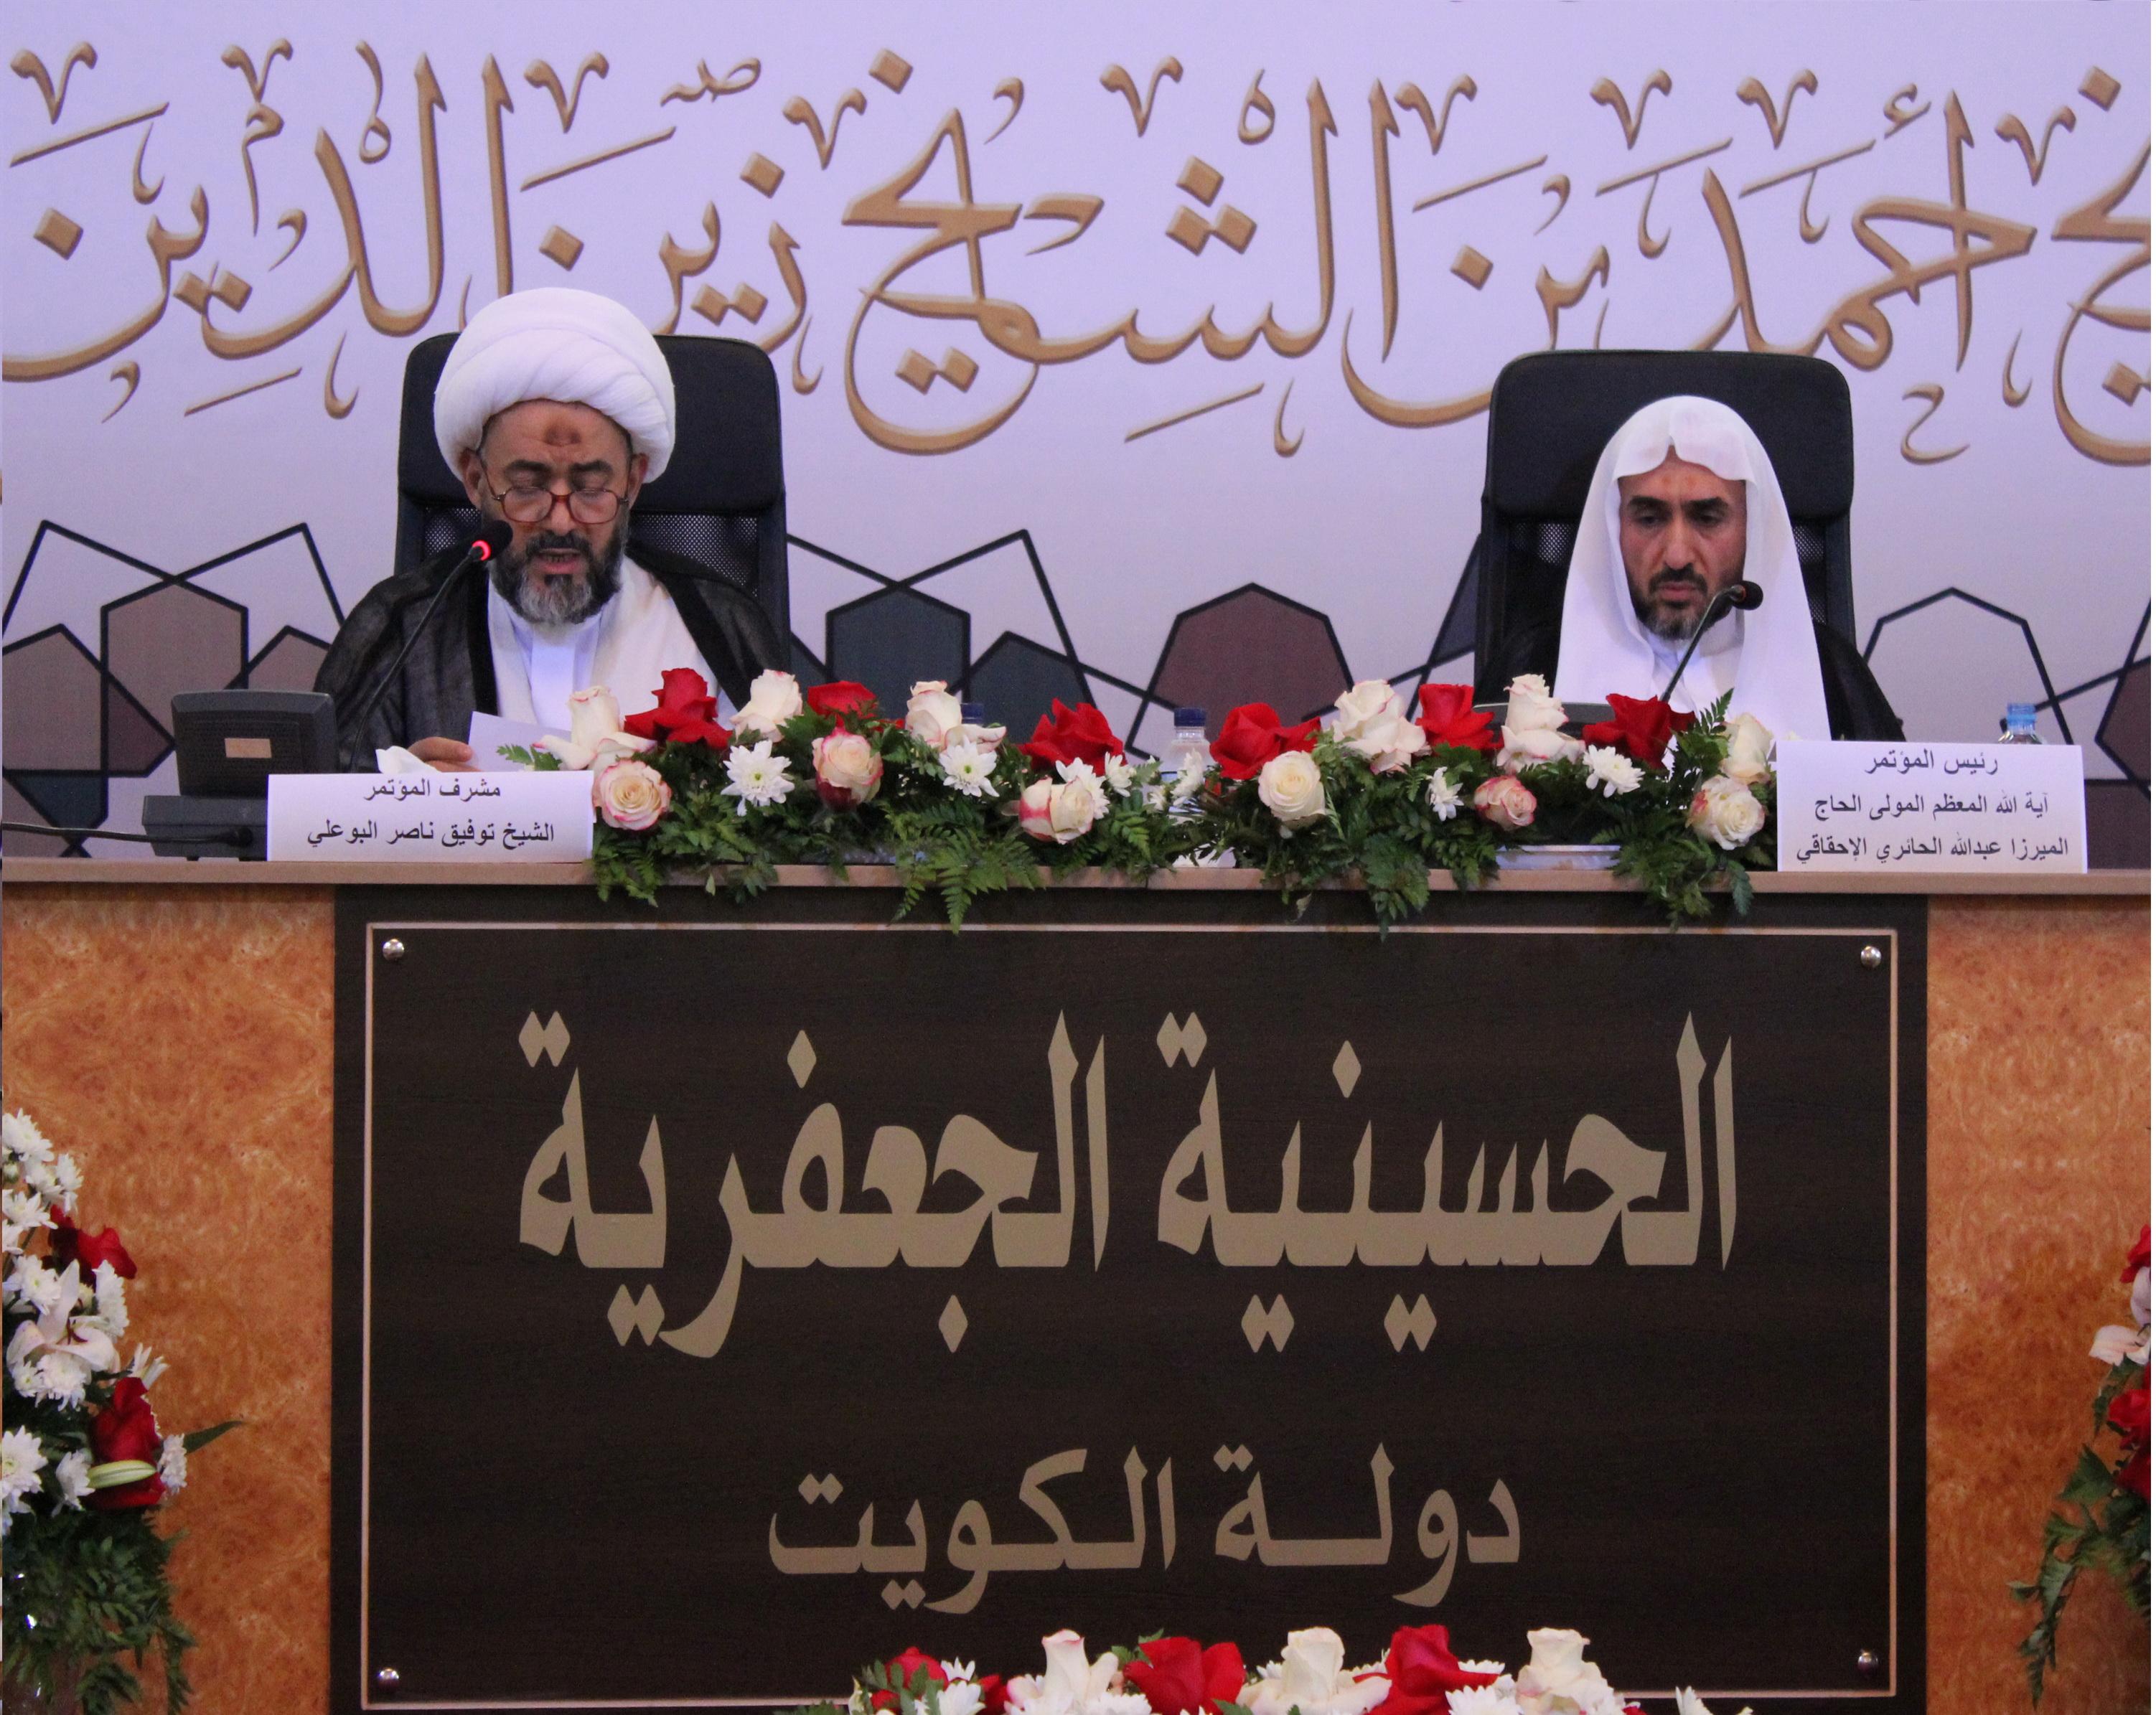 مؤتمر الشيخ الأوحد قدس سره الثاني22